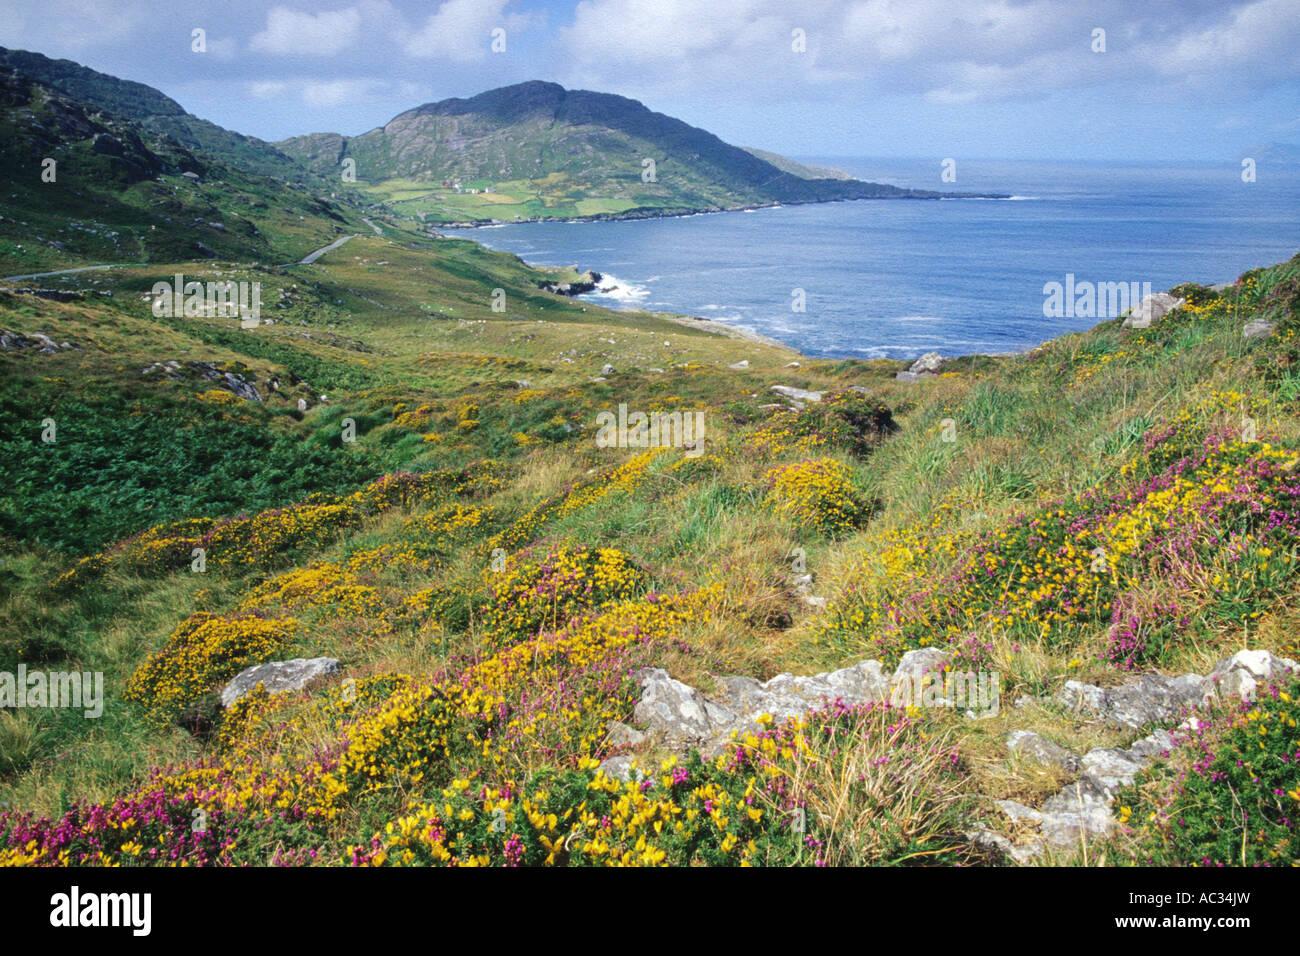 Beara Peninsula, Ireland - Stock Image